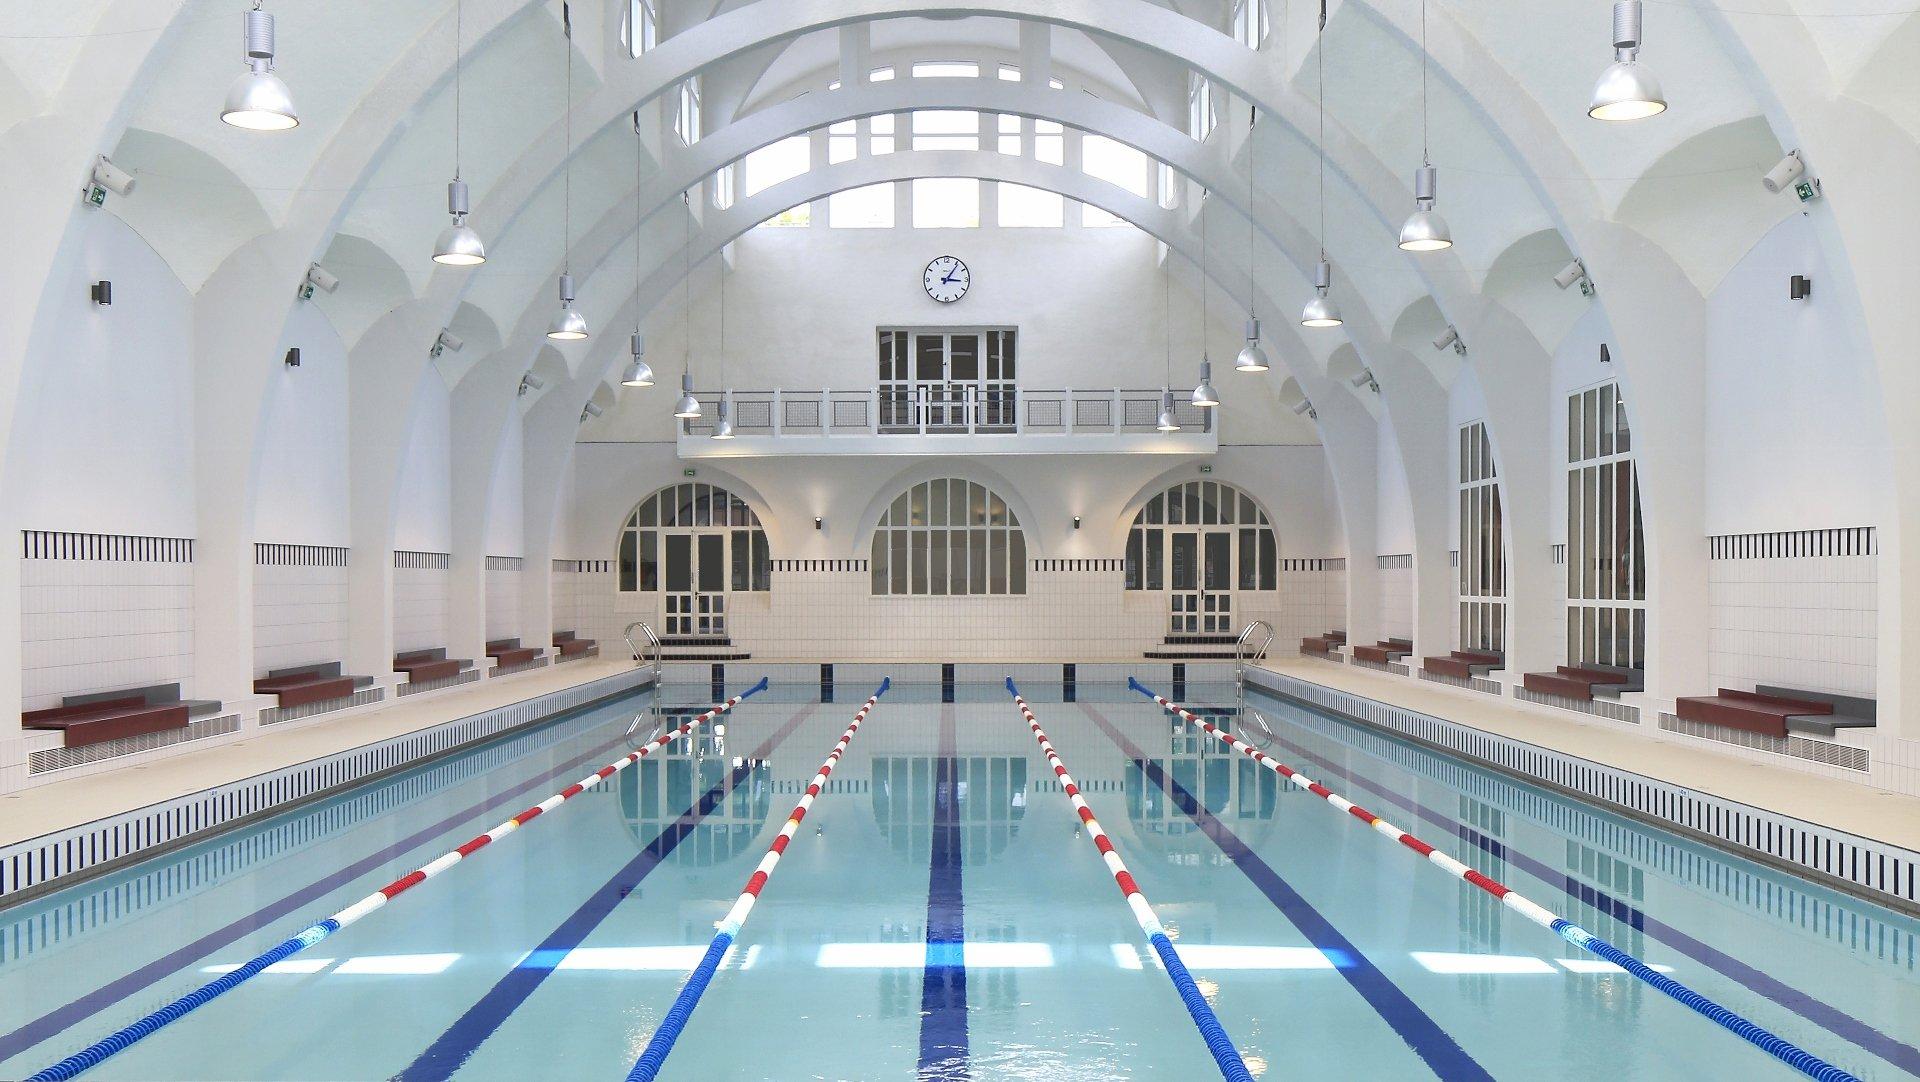 La Butte Aux Cailles Photos stimergy's edge platform used to heat french public pool - dcd